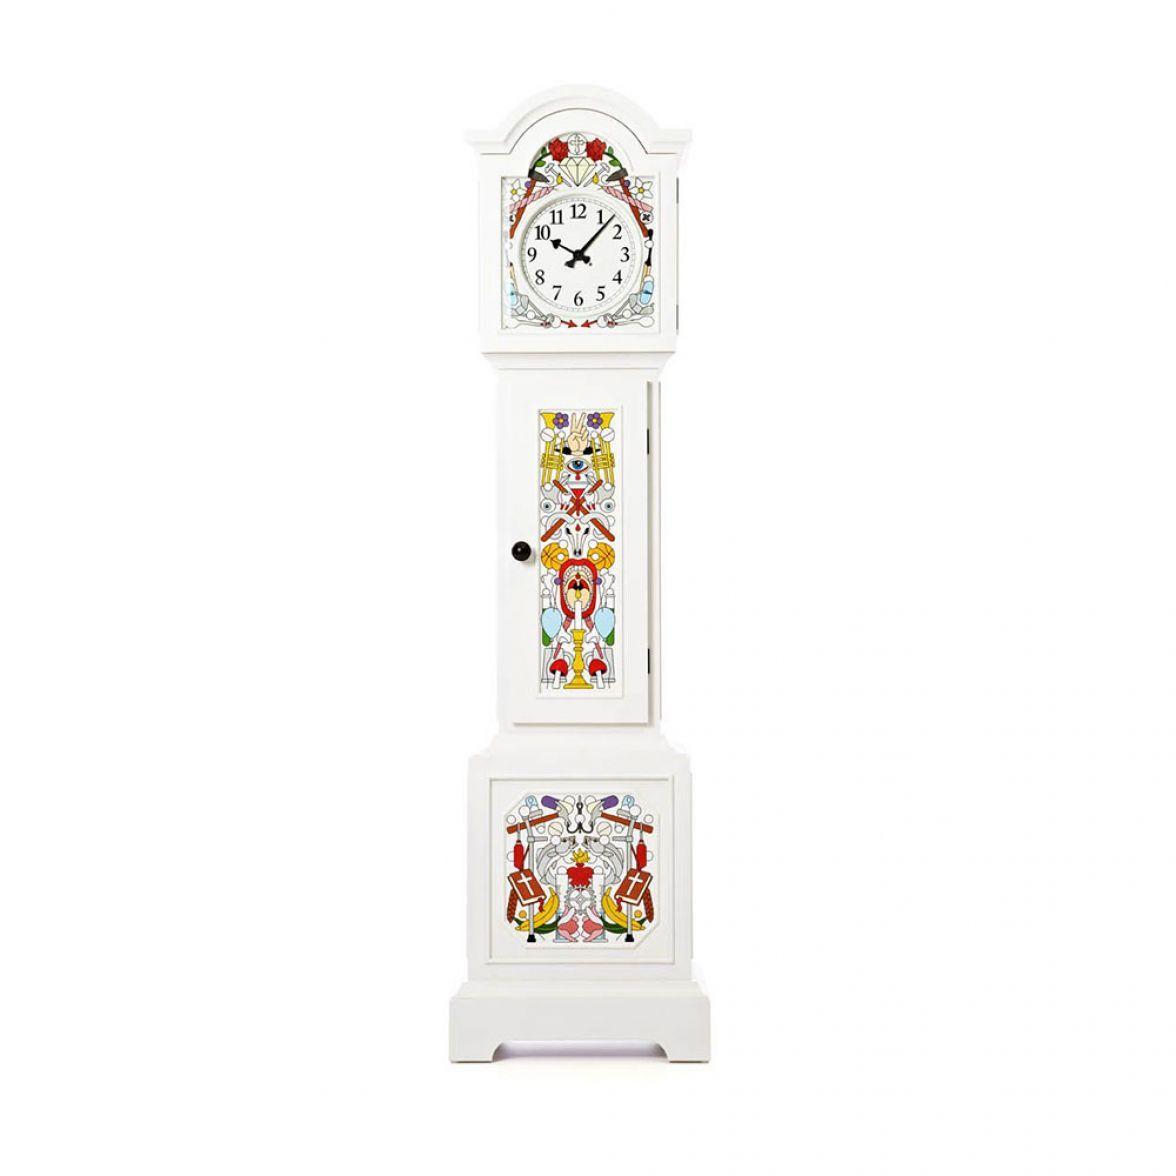 Напольные часы Altdeutsche фото цена